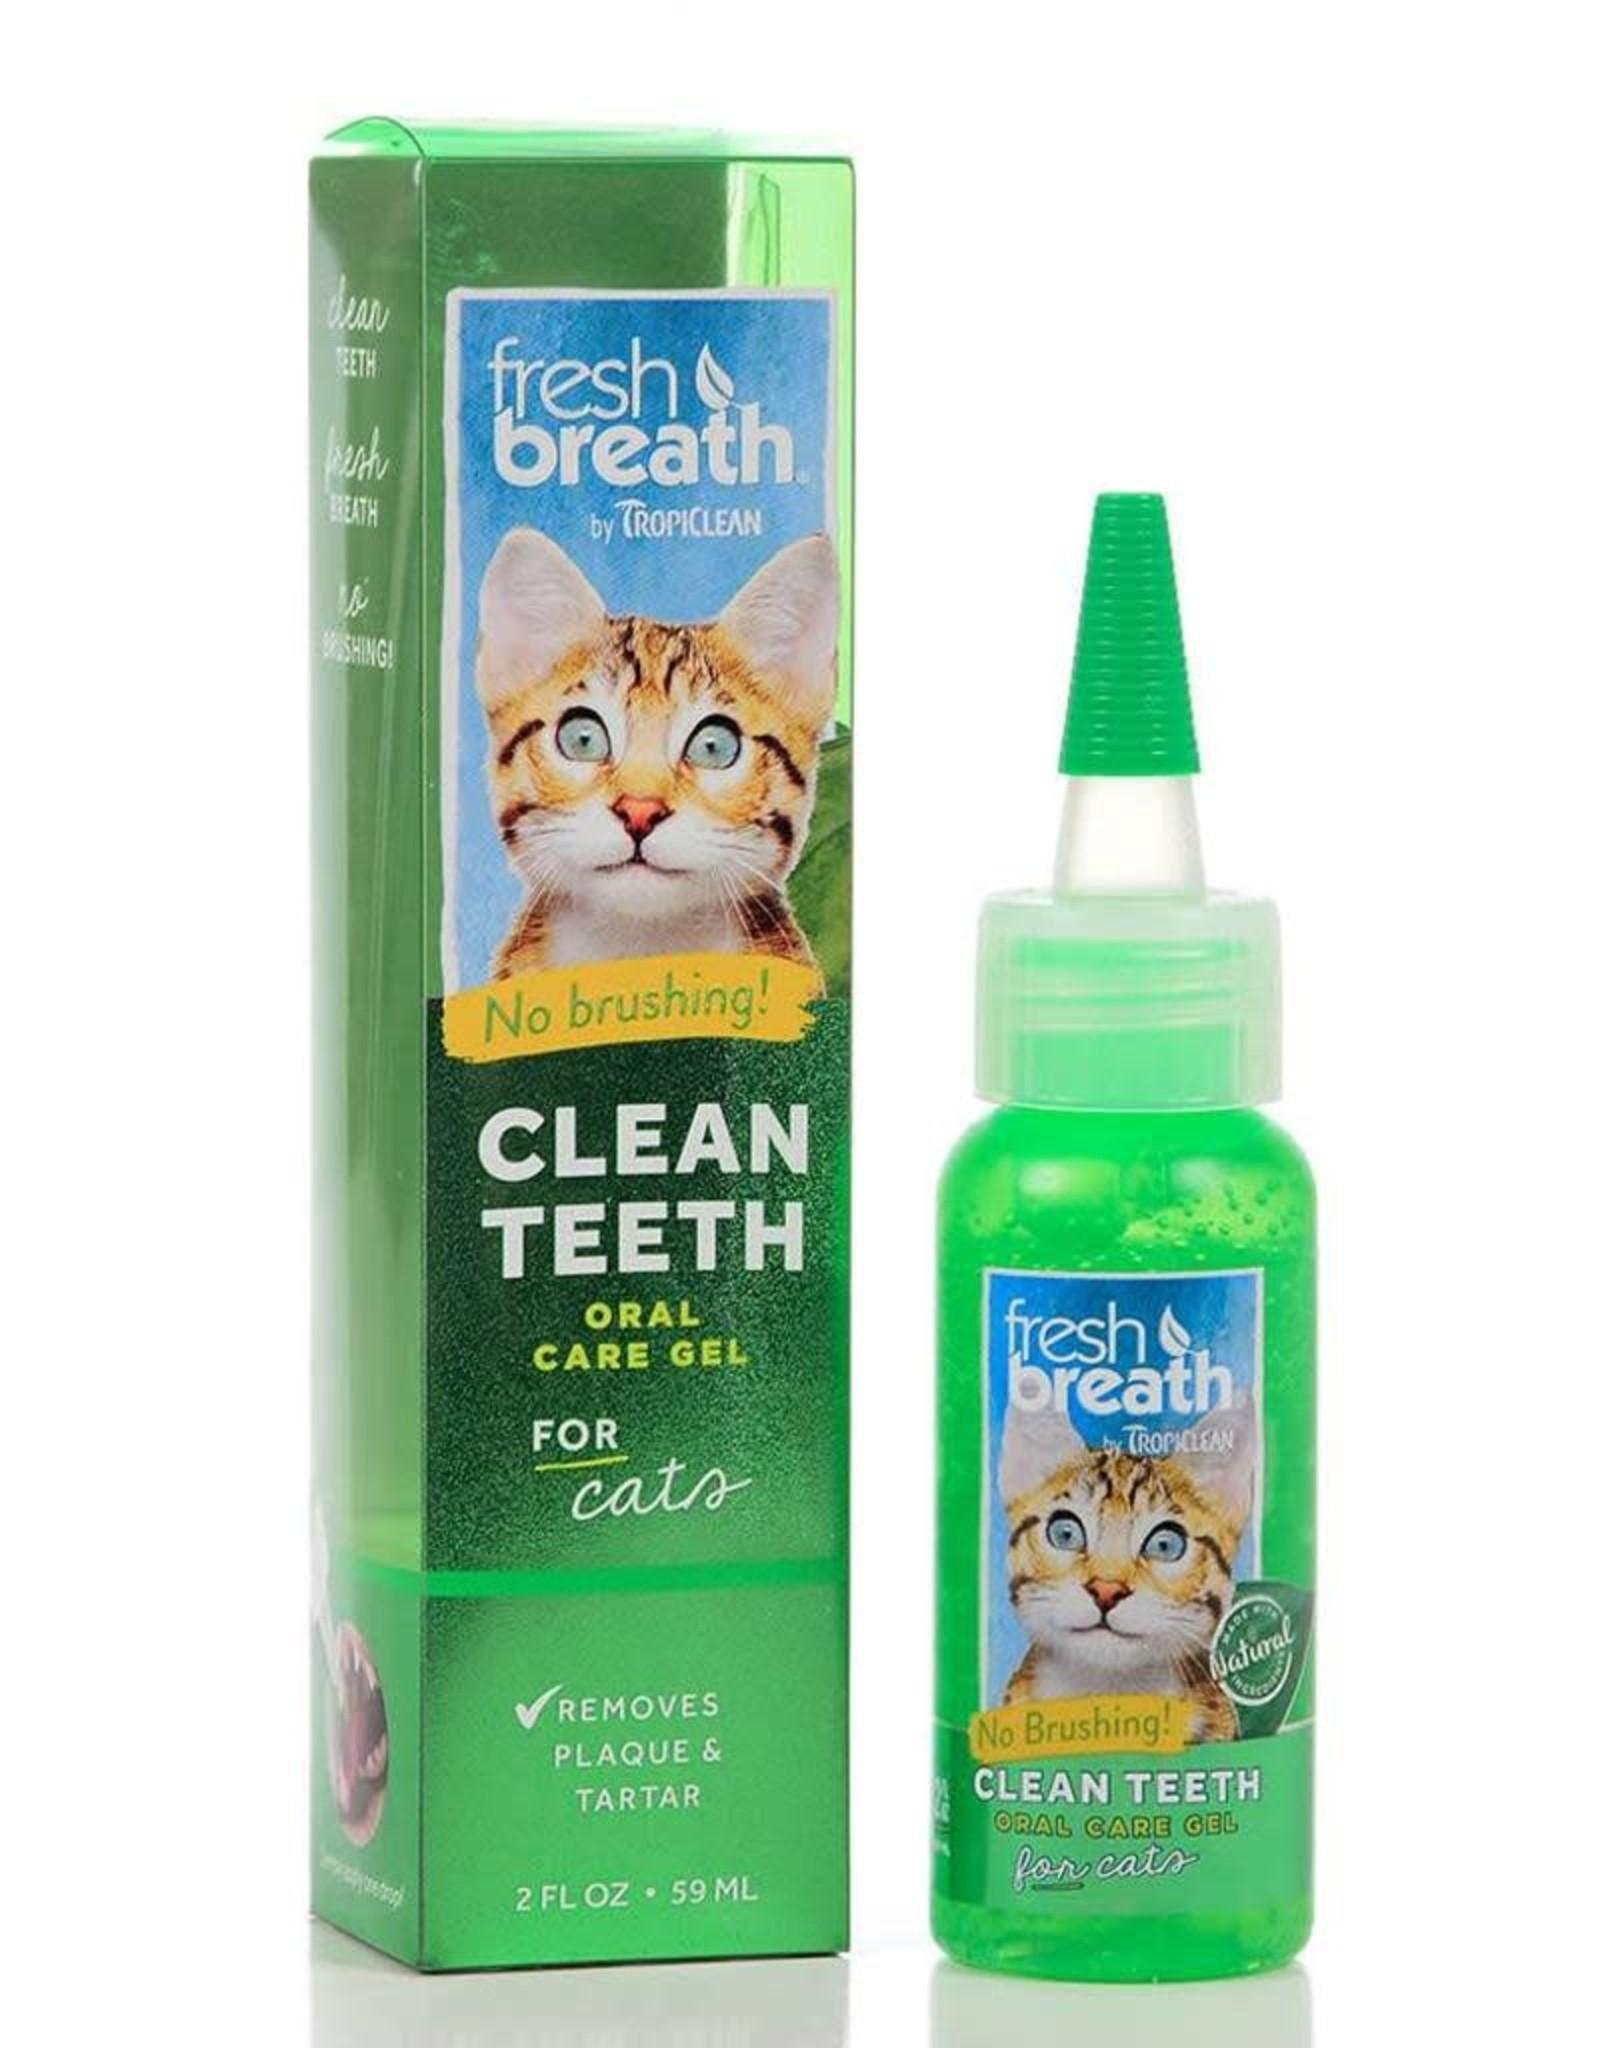 TropiClean TROPICLEAN FRESH BREATH CLEAN TEETH ORAL CARE GEL FOR CATS 2OZ